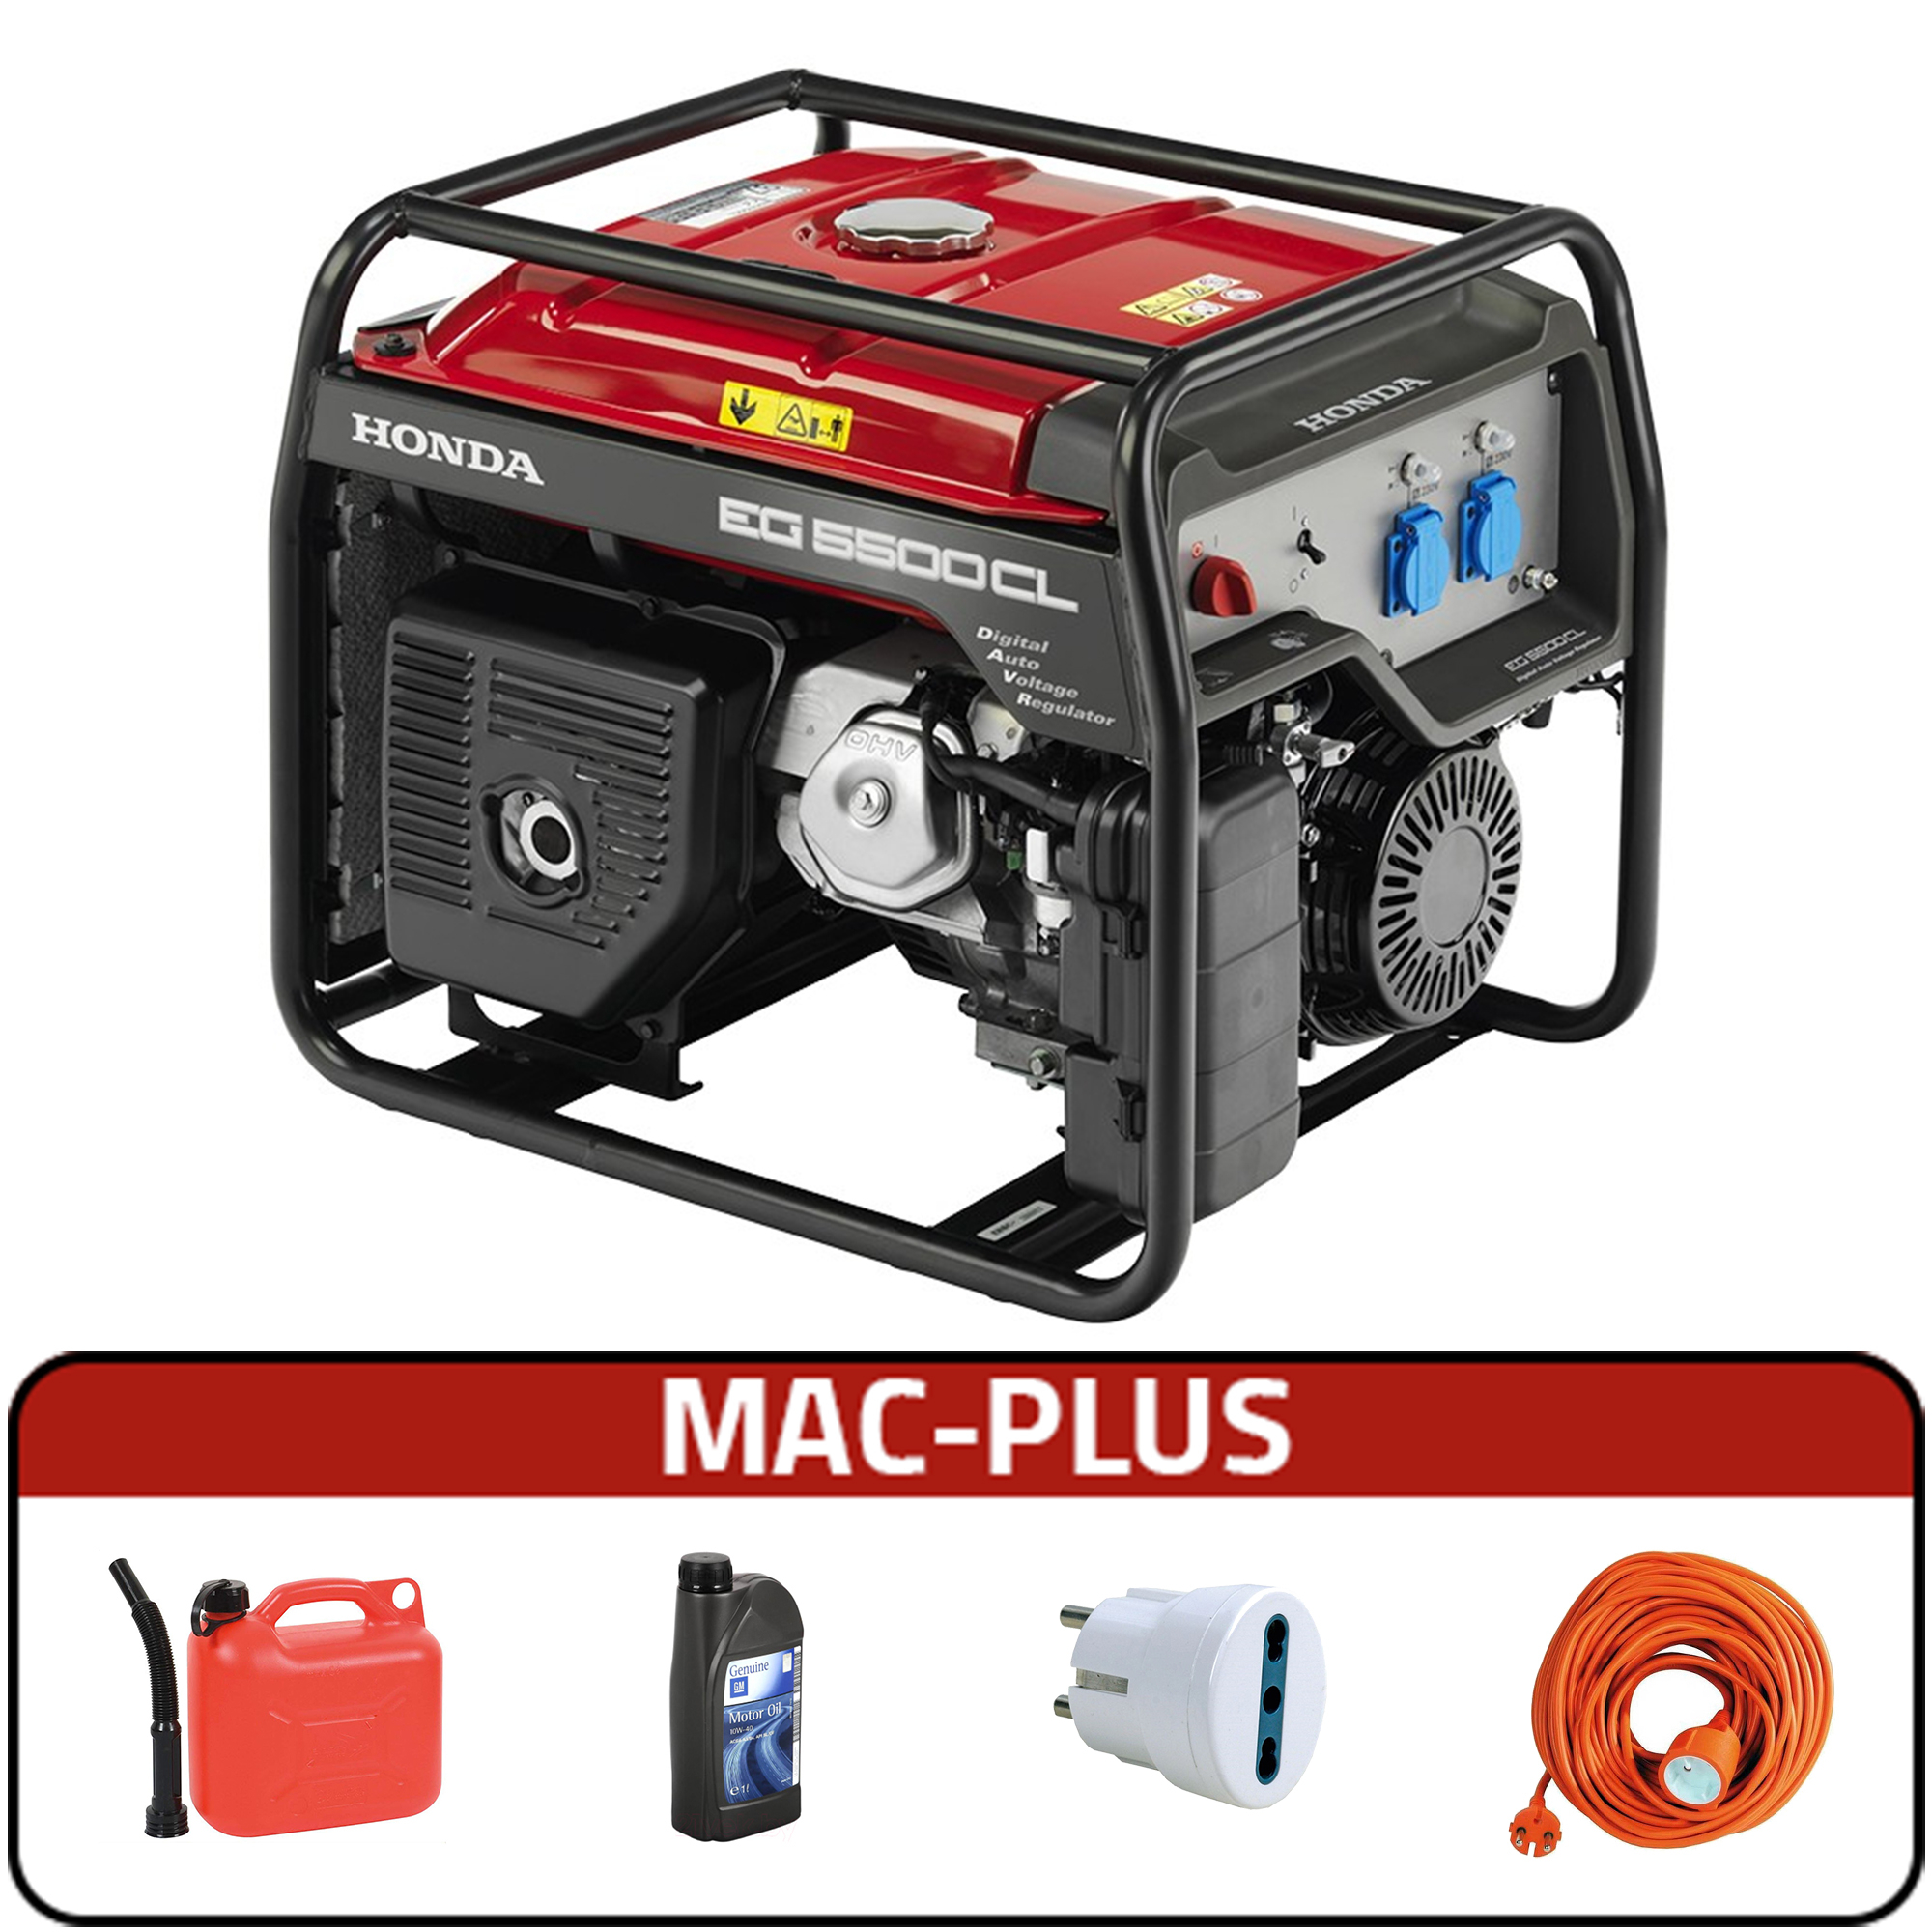 Image of Generatore di corrente Honda EG 5500CL + MAC - PLUS